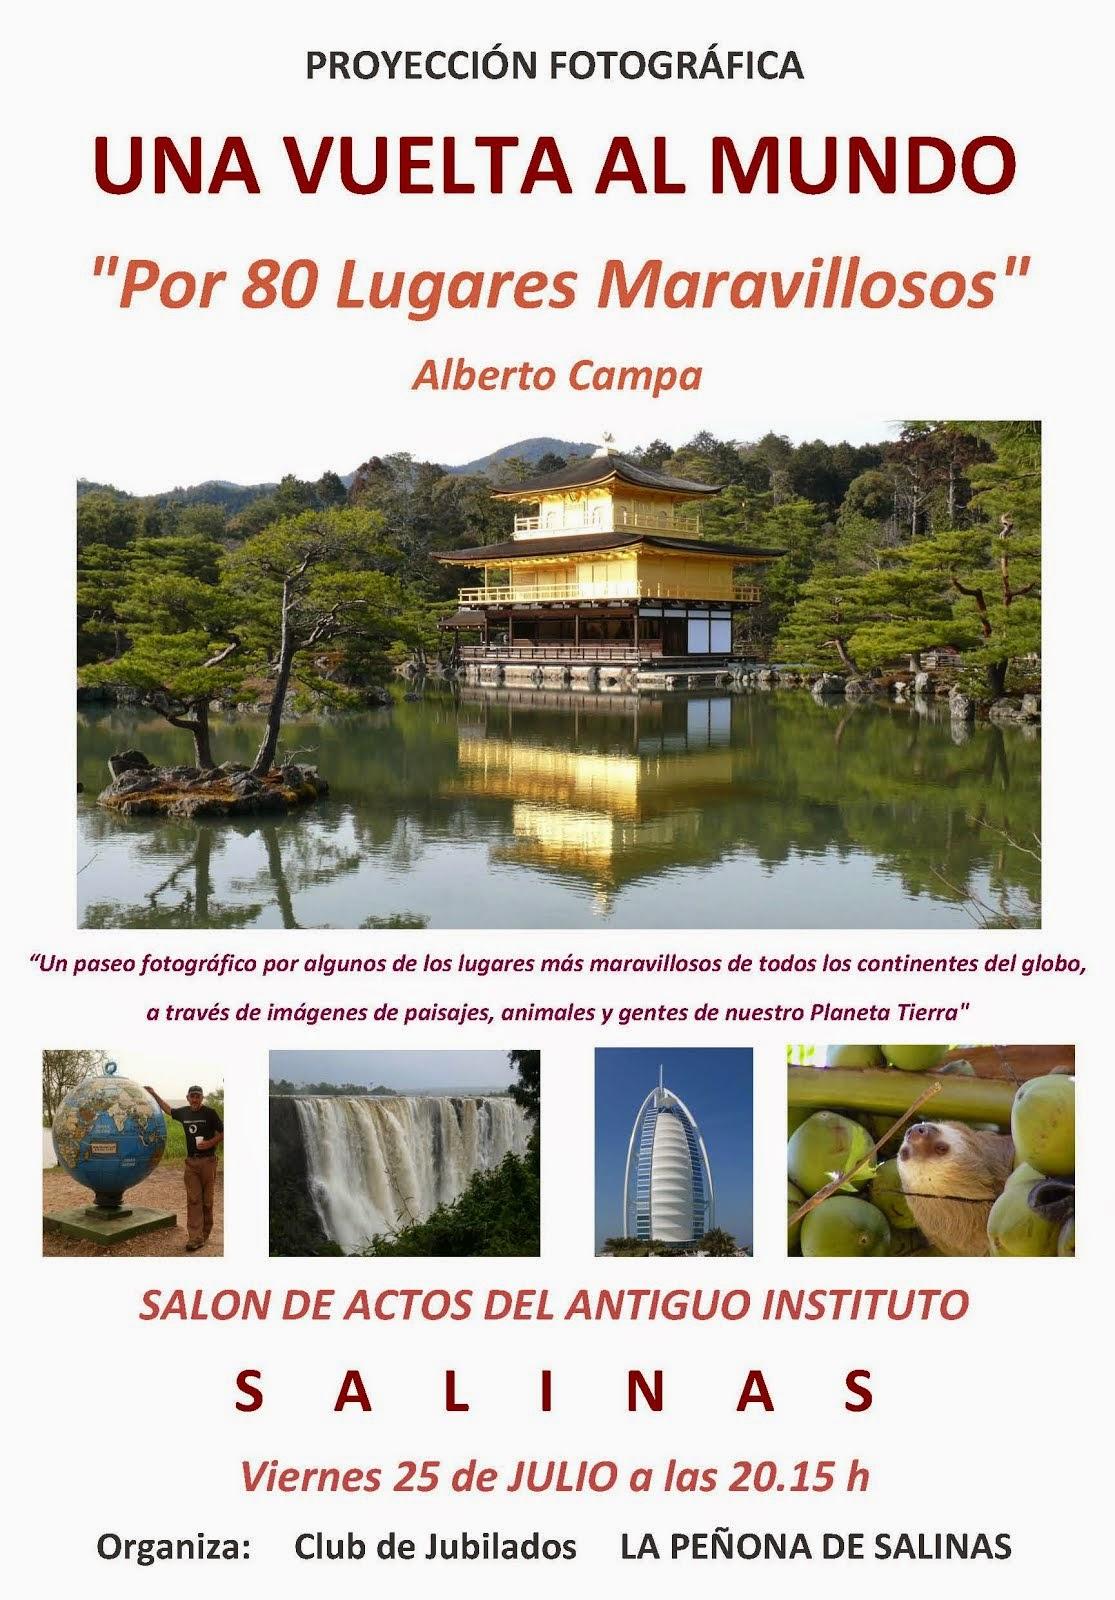 """PROYECCIÓN """"UNA VUELTA POR 80 LUGARES MARAVILLOSOS"""""""